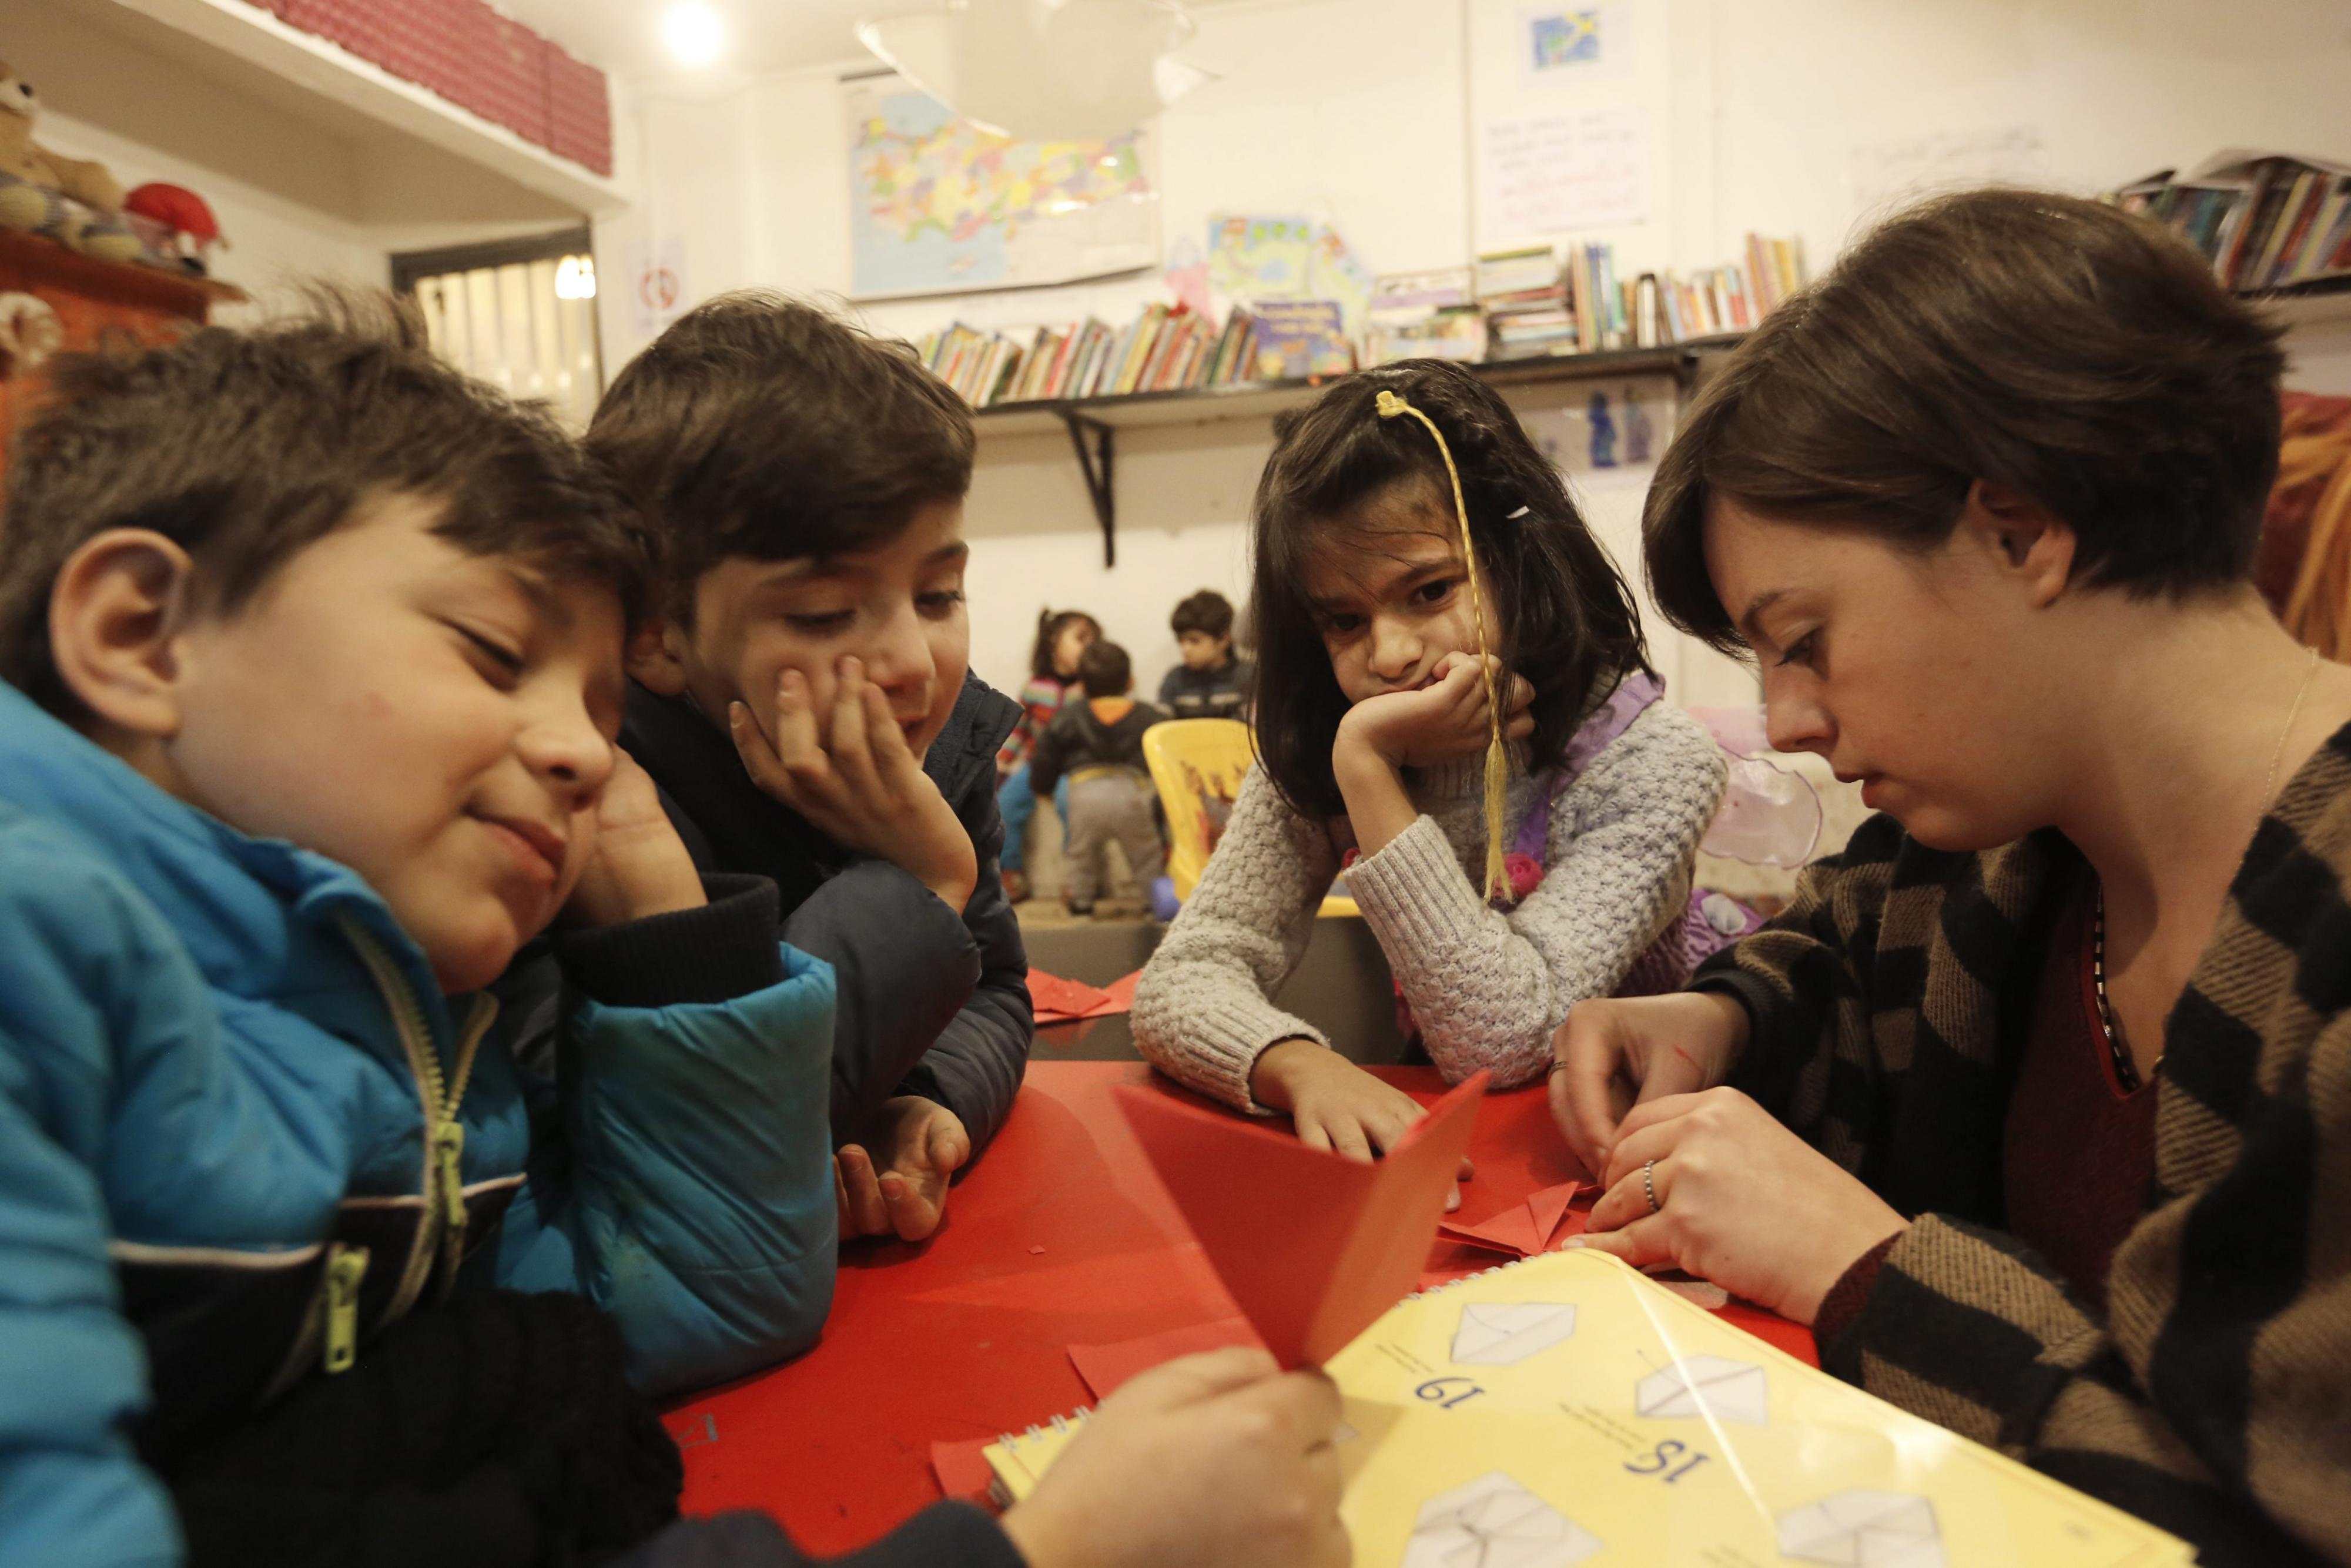 Vluchtelingenkinderen in Turkije